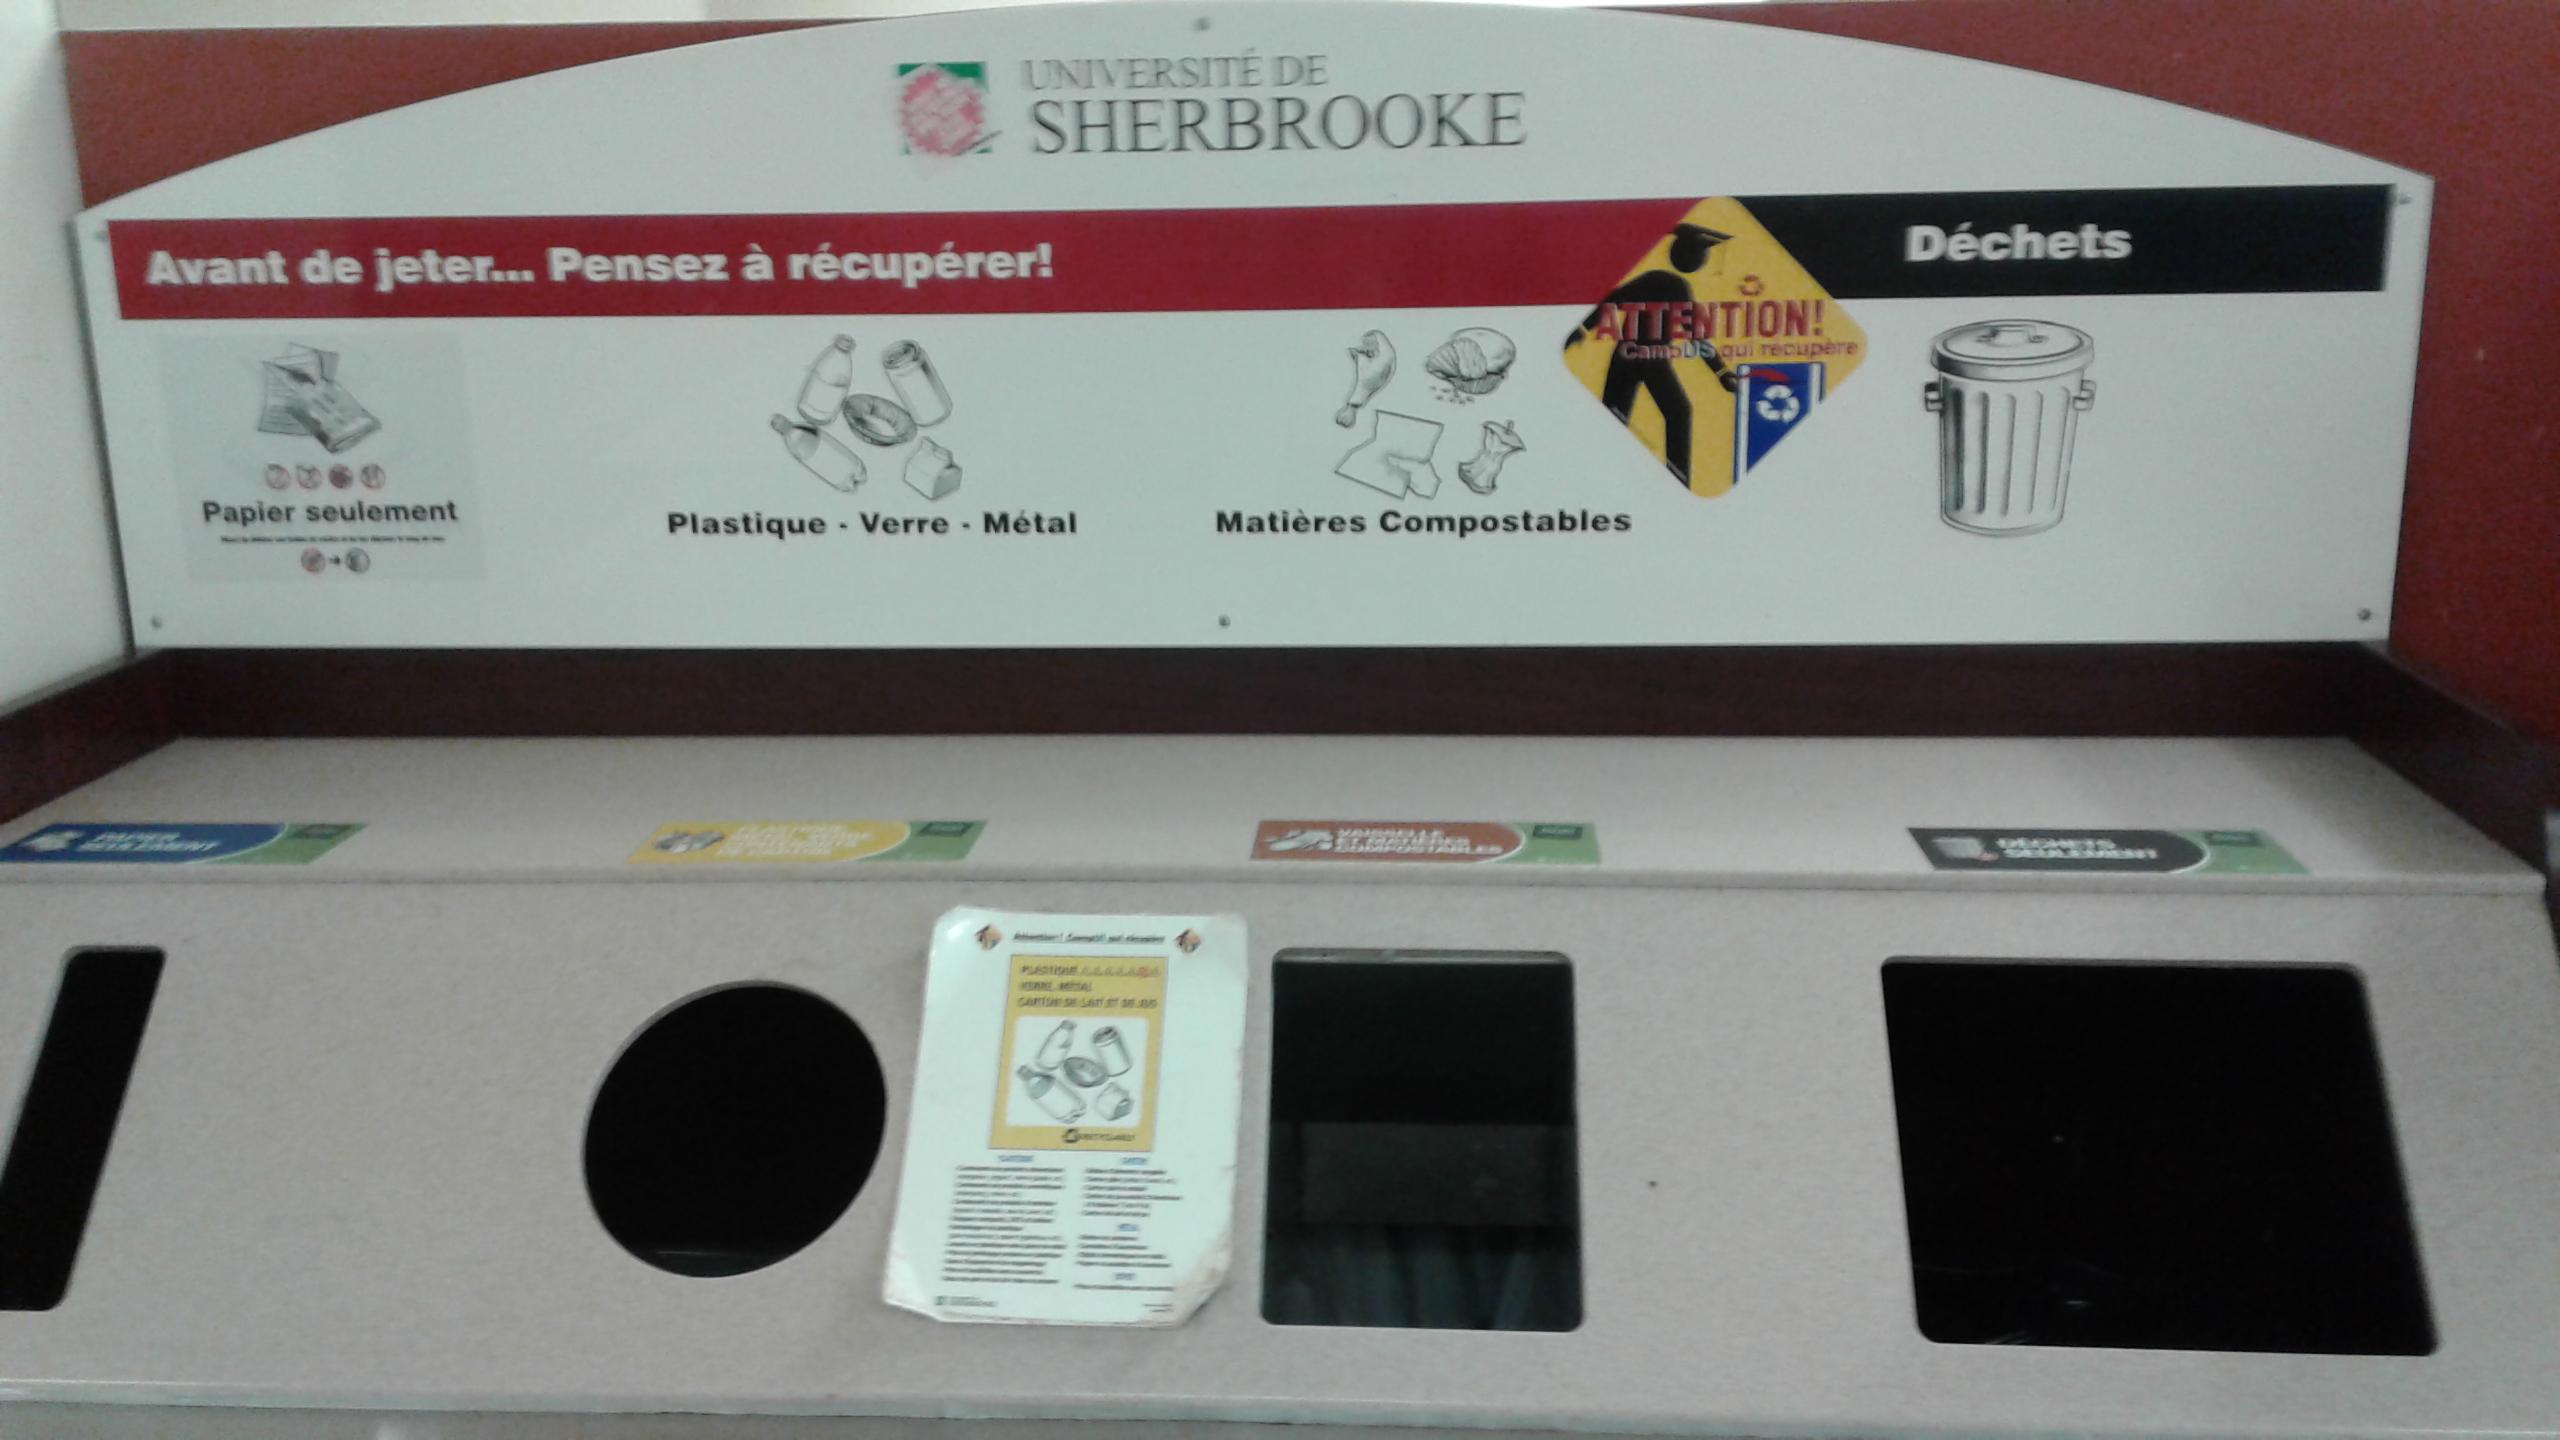 Il y a toujours quelque part de belles initiatives qui existent ... (photo prise à l'université de Sherbrooke, Québec, Canada)